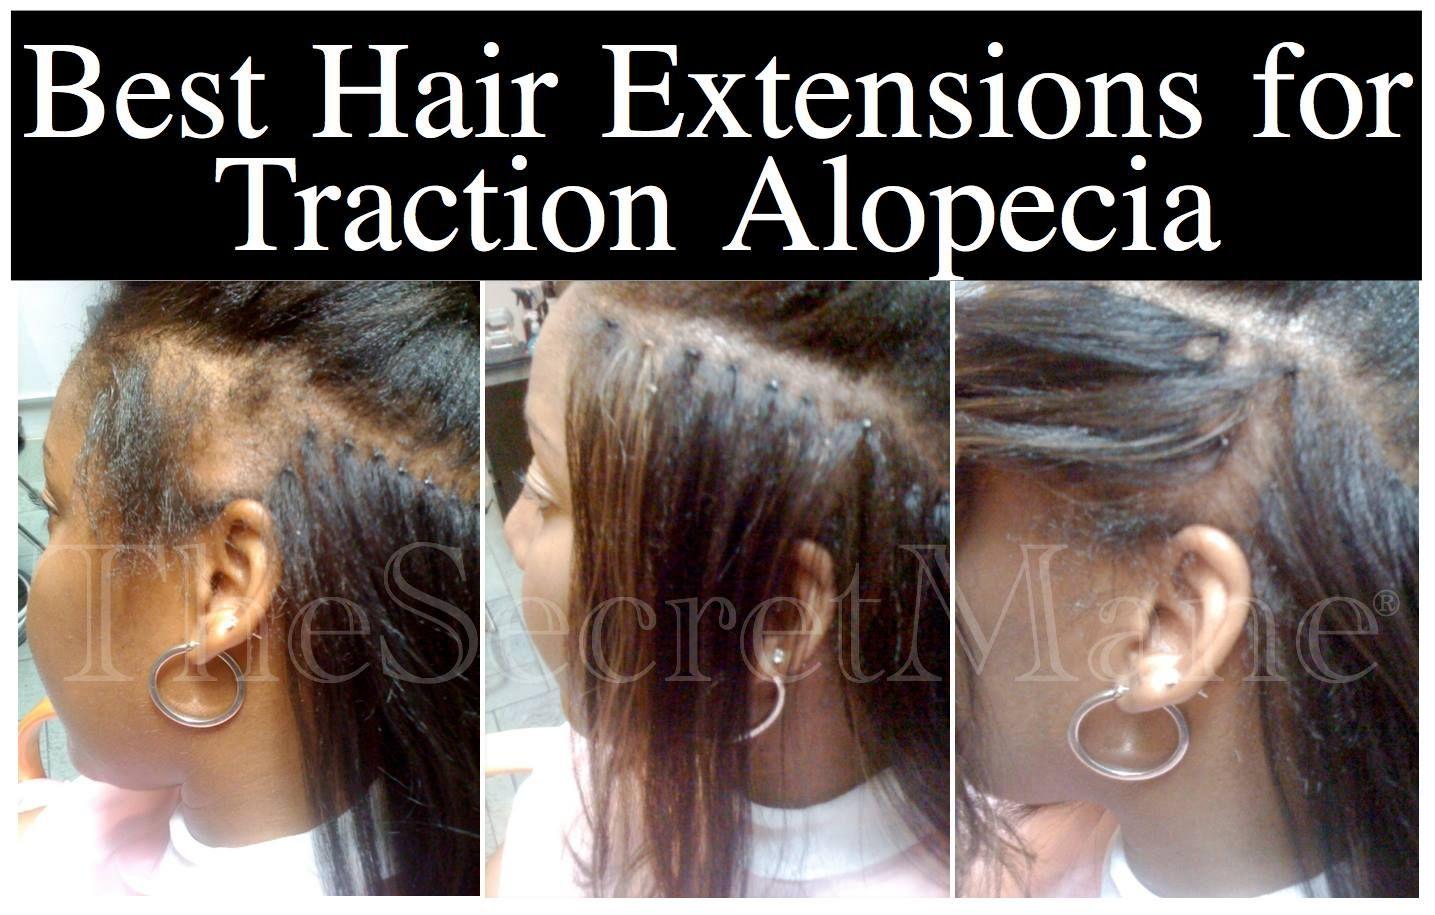 traction # alopecia is a non-scarring alopecia due to